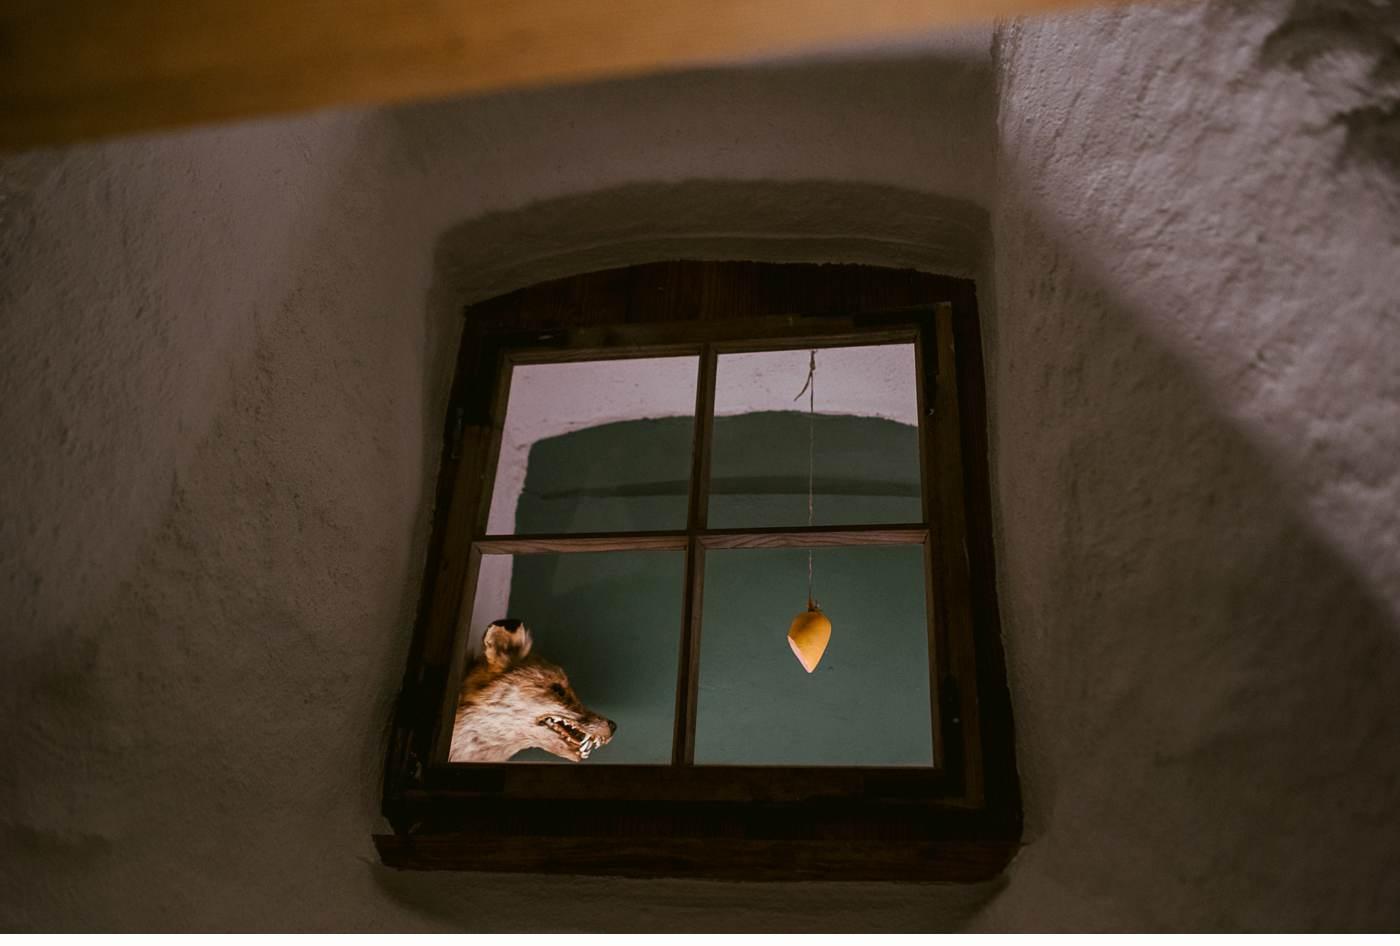 hofgut-duerren-hotel-farny-zwischen-bodensee-und-allgaeu-75-von-77